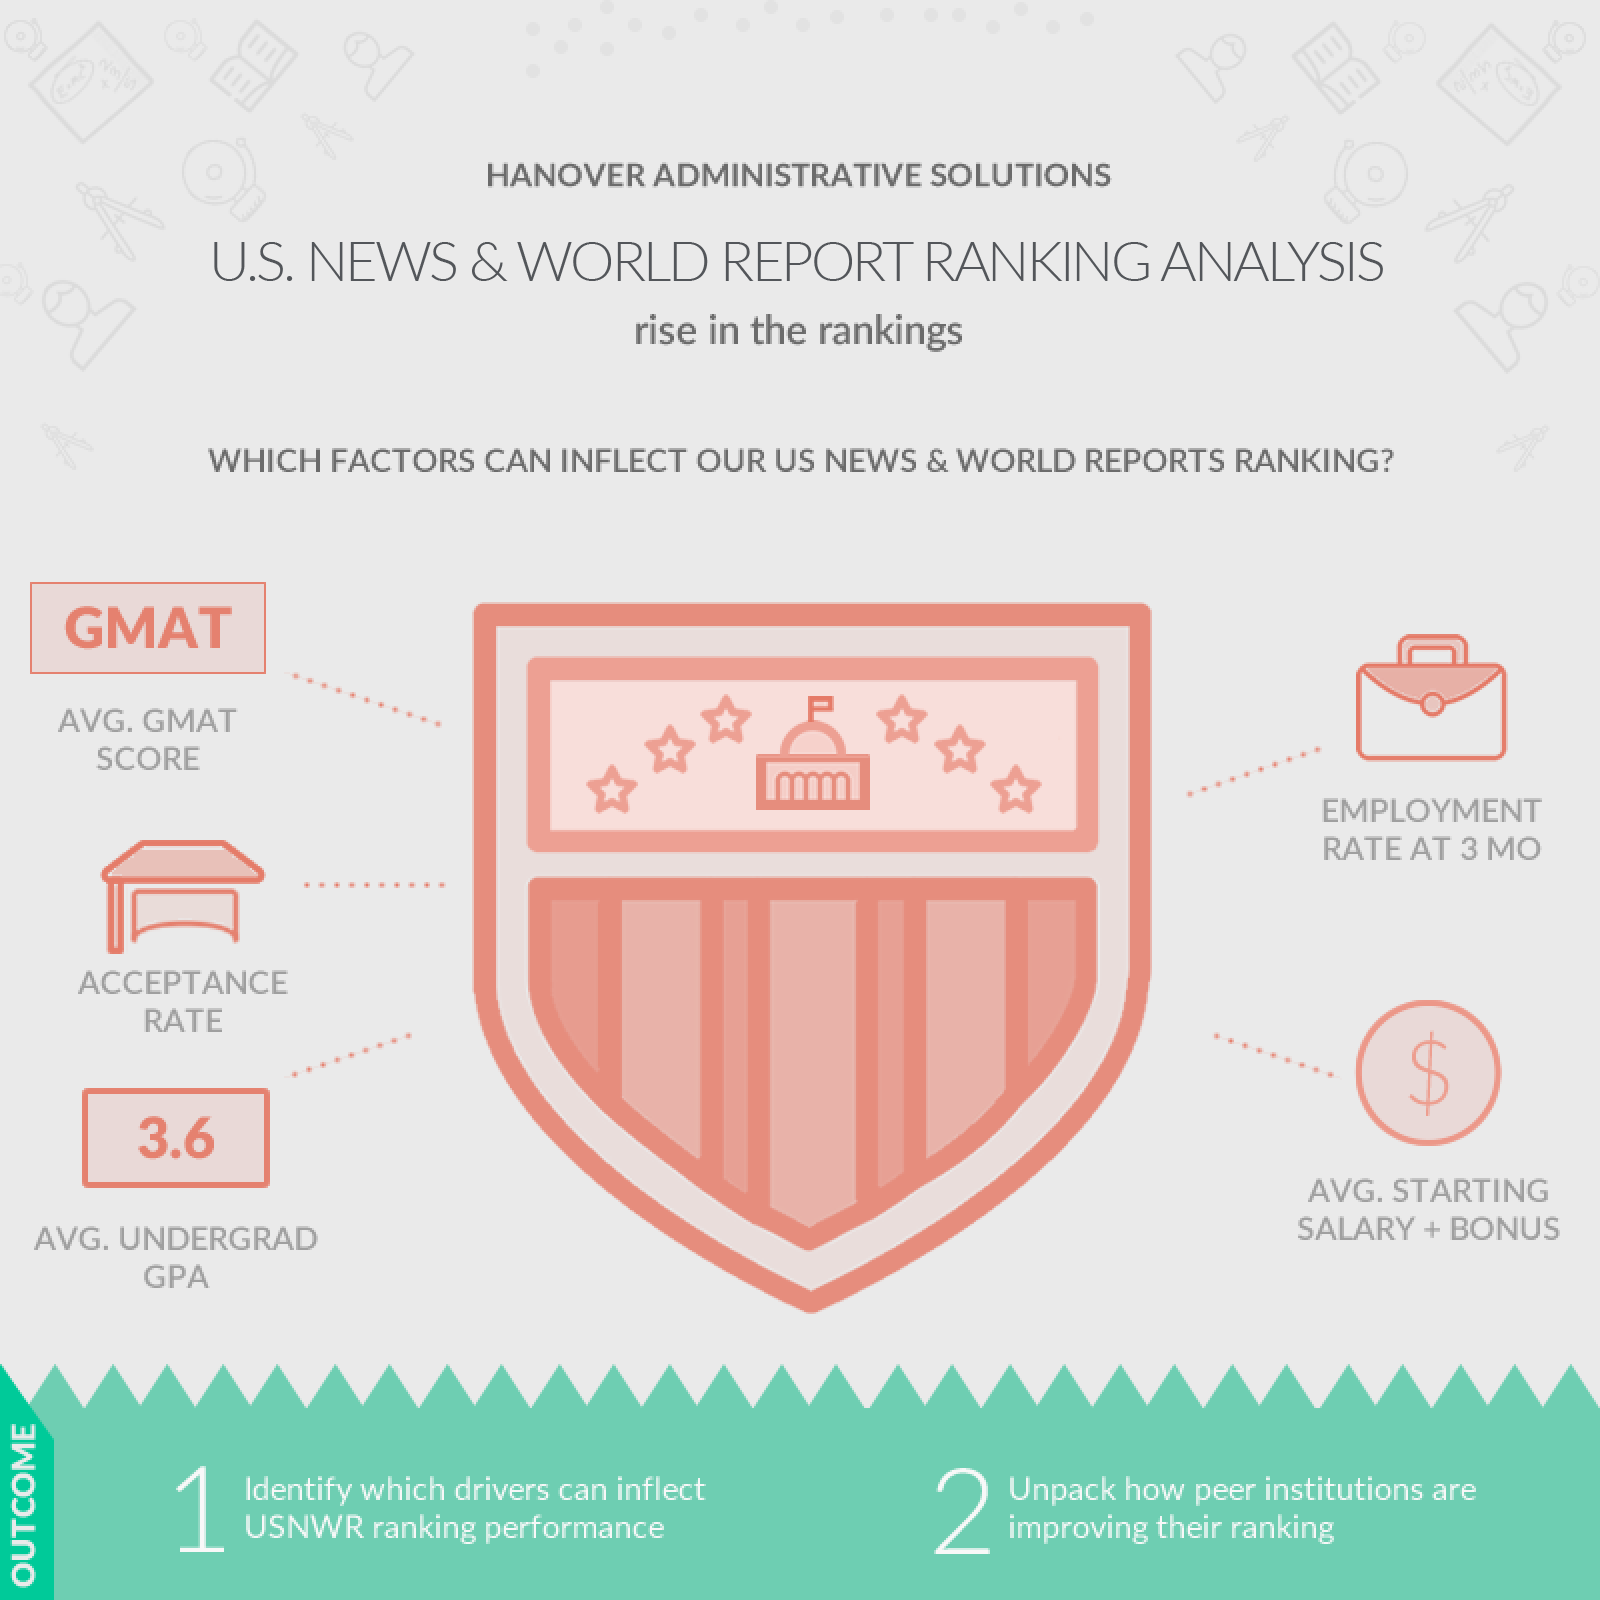 screenshot: us news & world ranking analysis